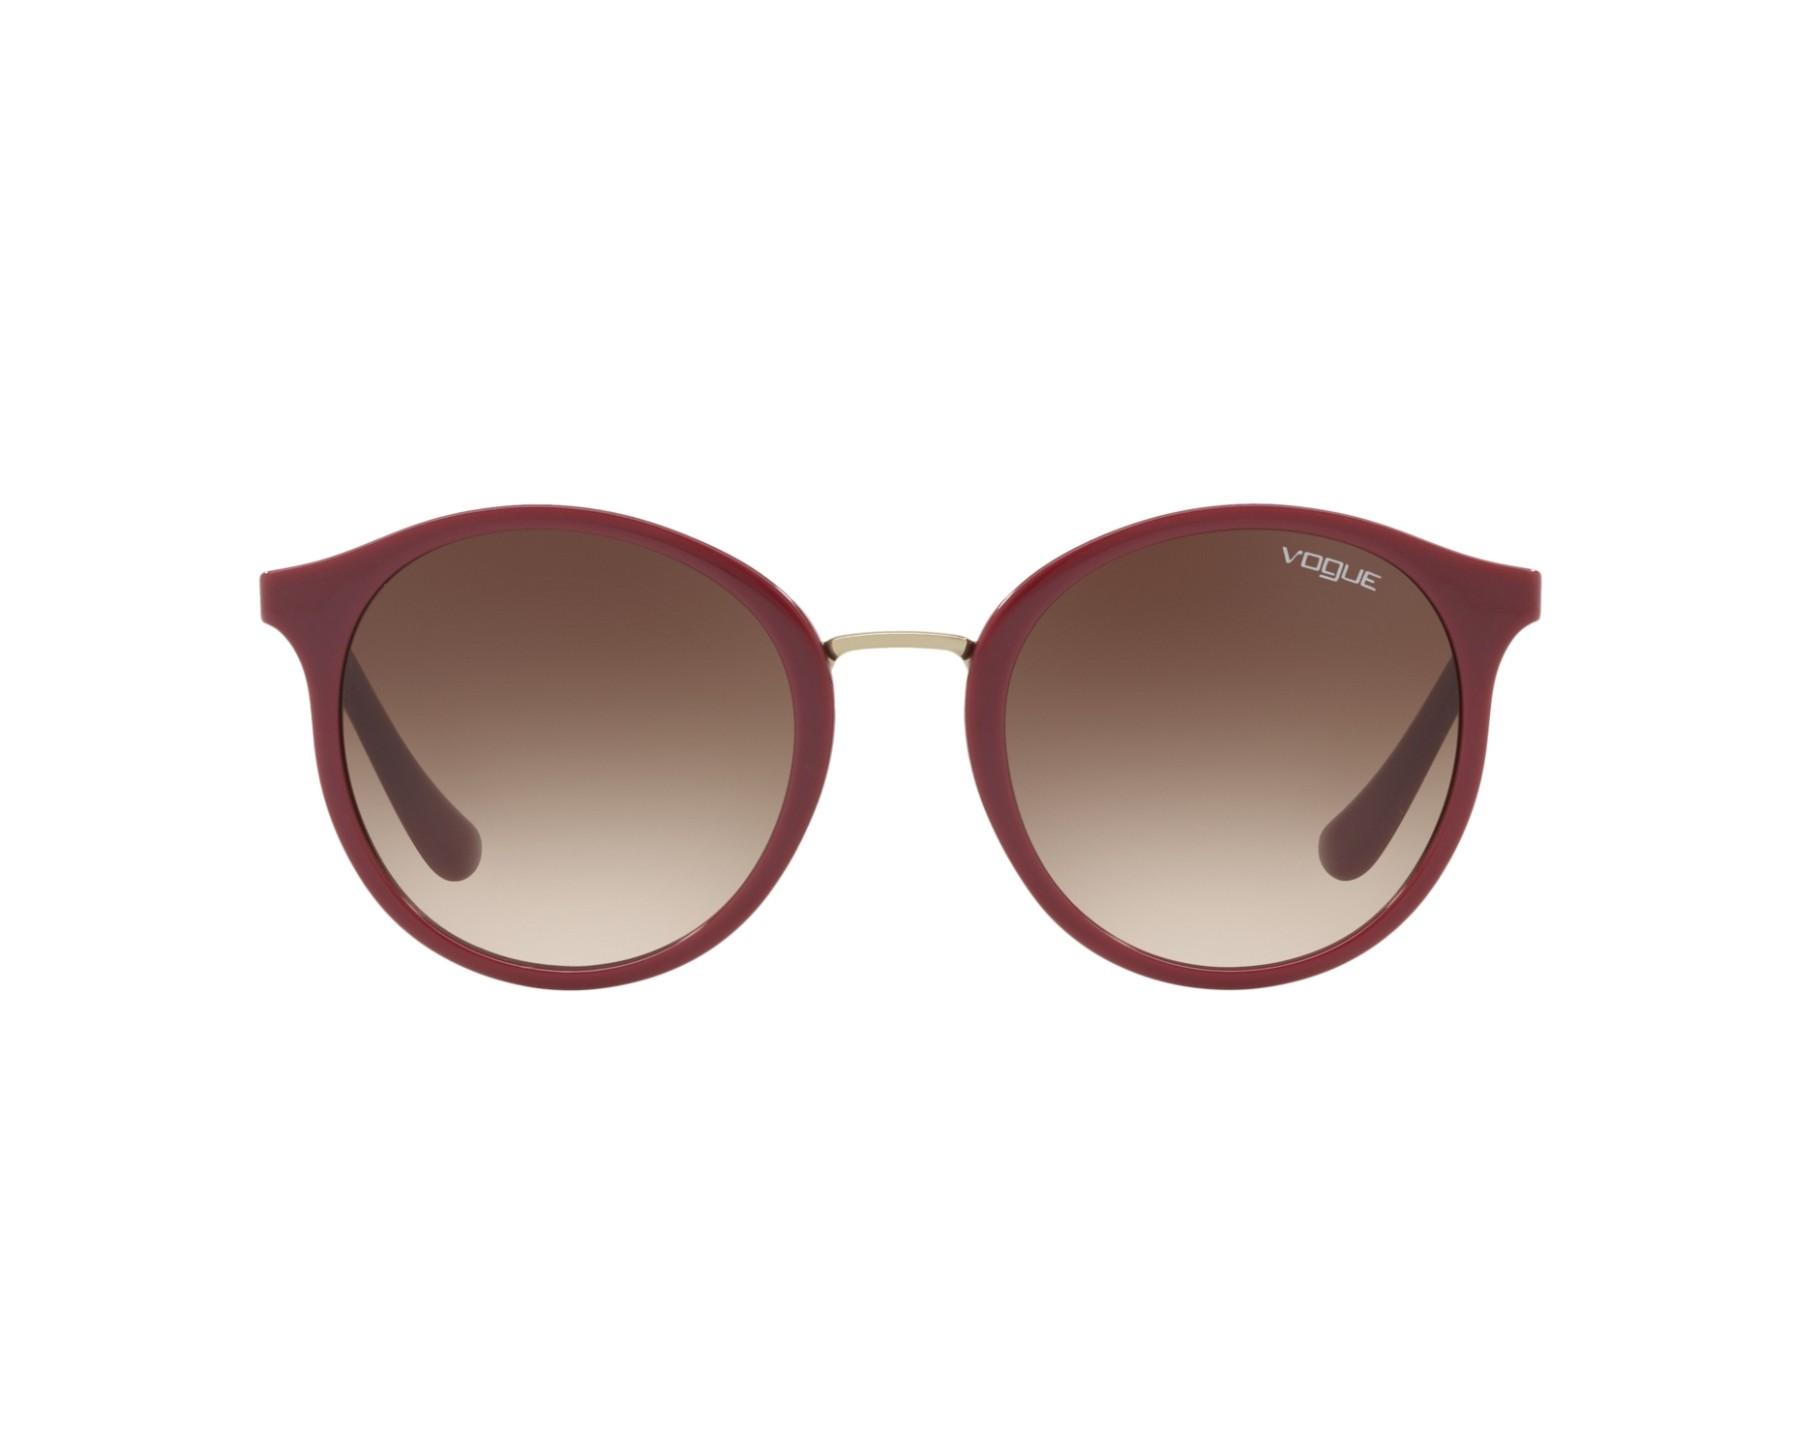 3aaf9e3a432 Sunglasses Vogue VO-5166-S 256613 - Bordeaux Gold 360 degree view 1